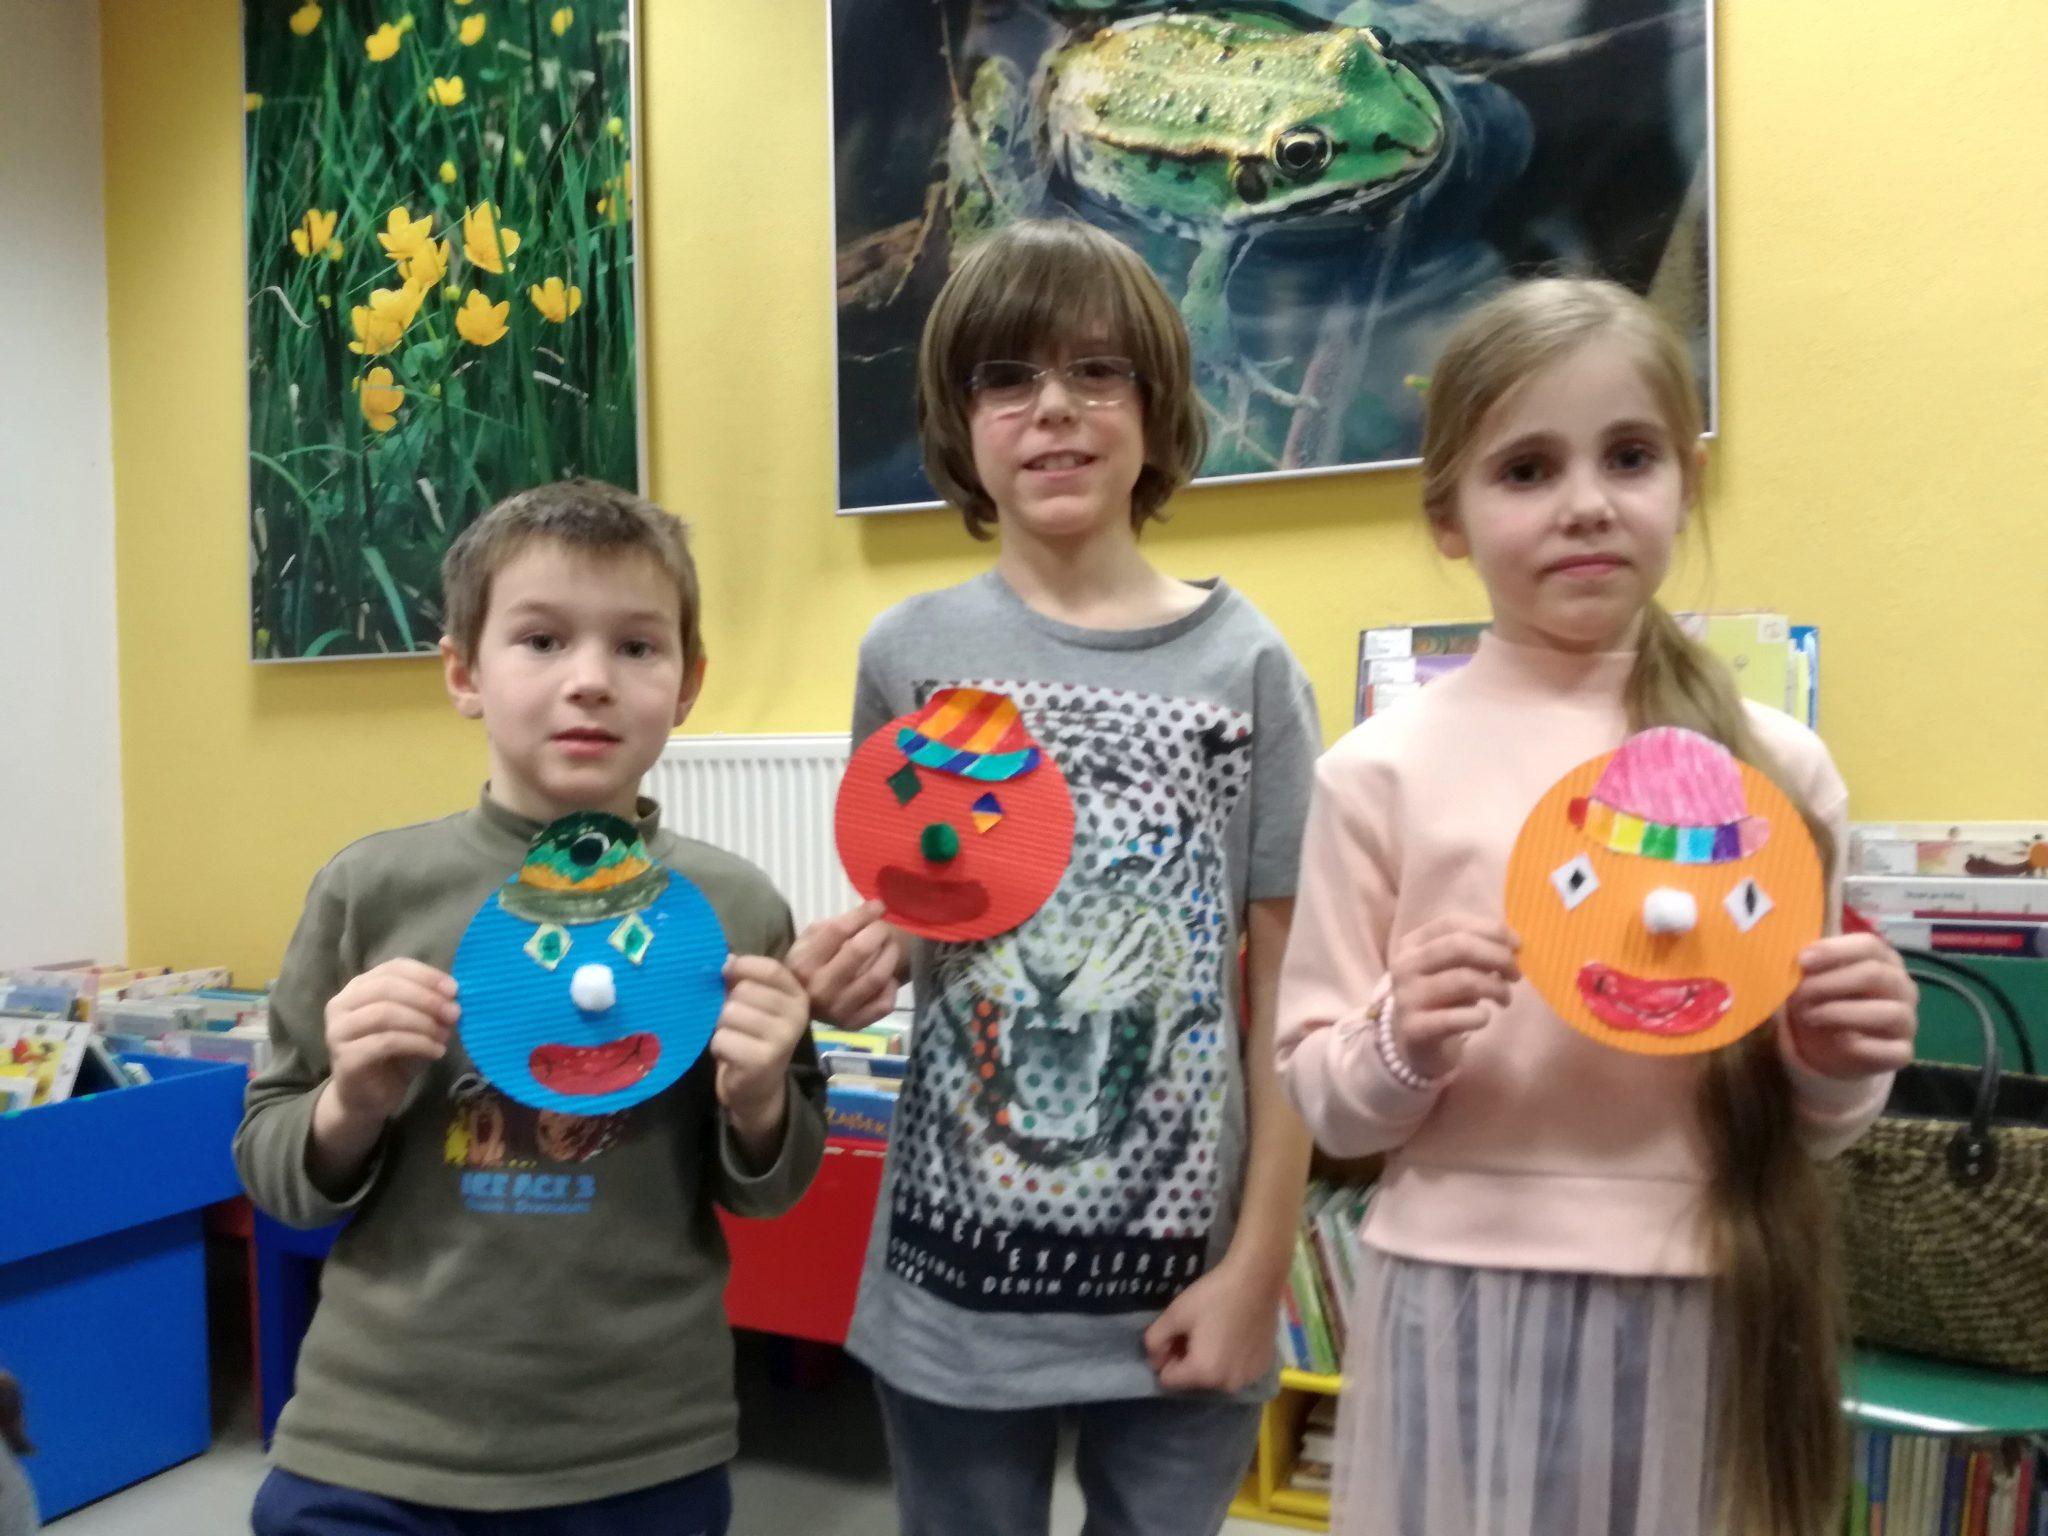 IMG 20180215 180640 1 - Ena okrogla pravljična urica z ustvarjalno delavnico za otroke od 4. leta dalje